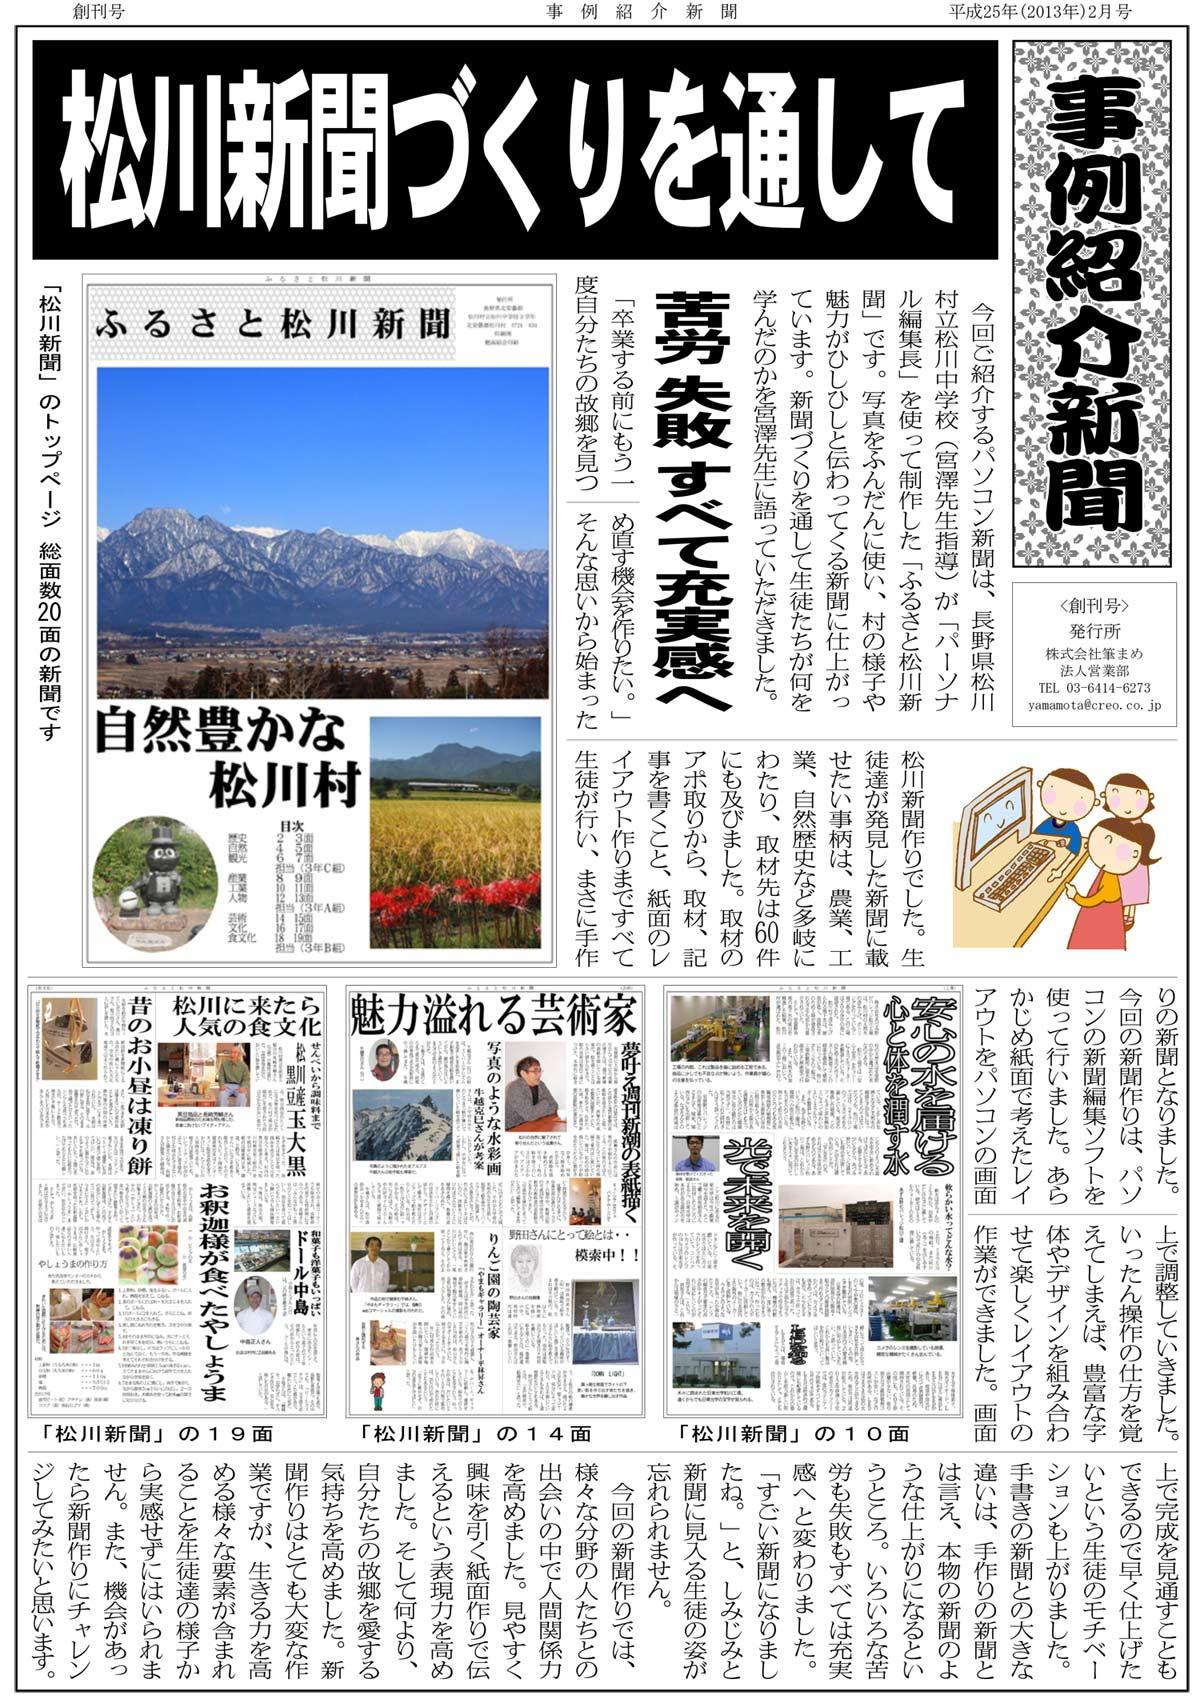 朝日新聞社インフォメーション |...